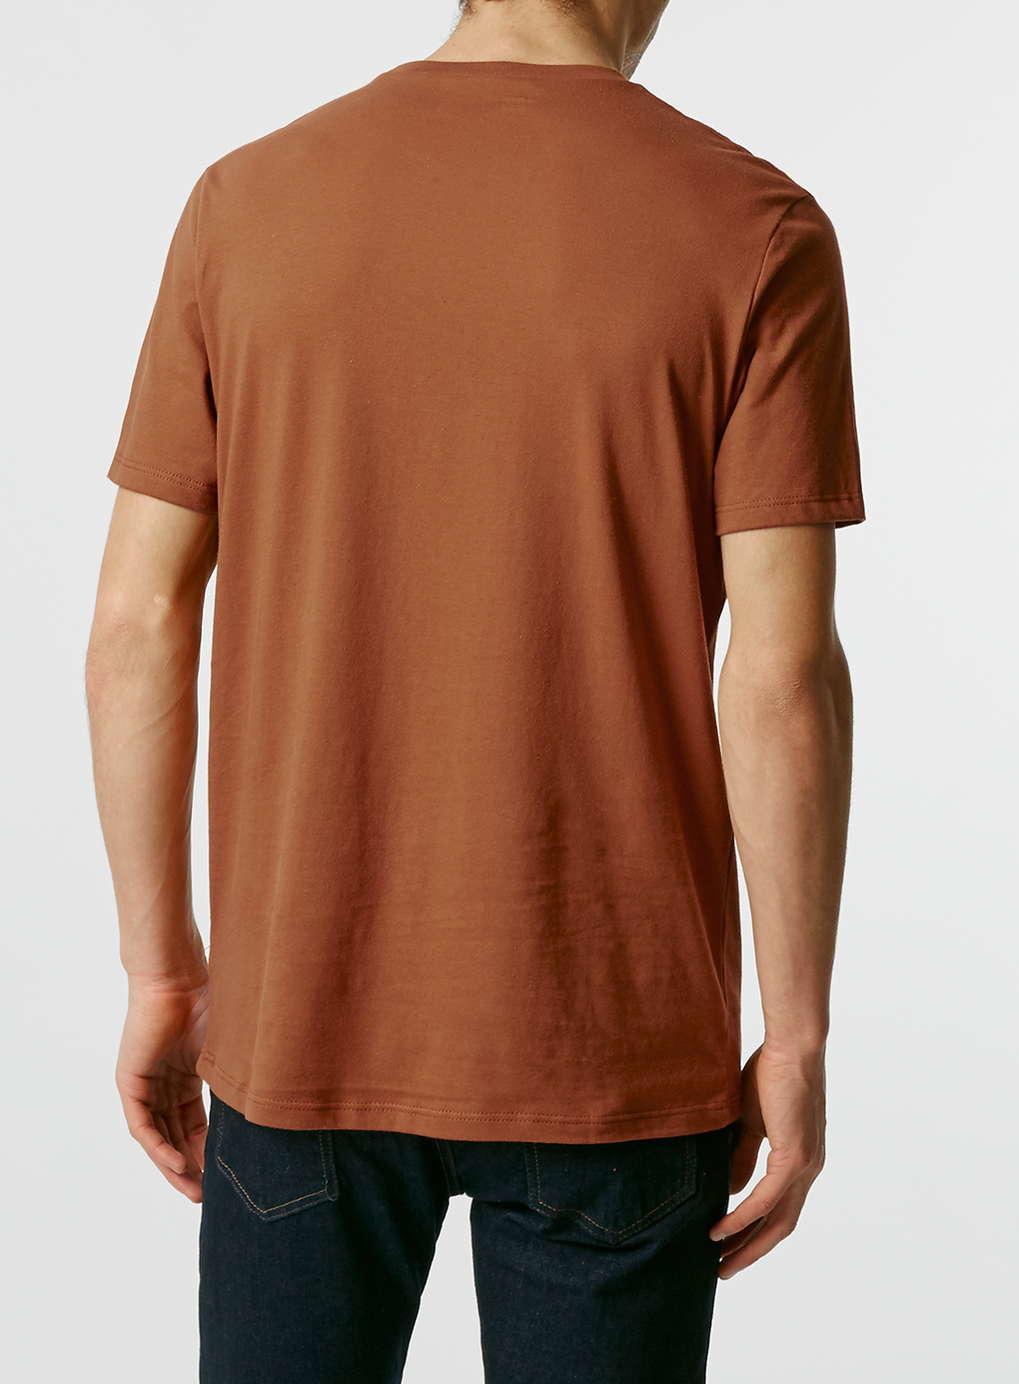 topman pumpkin slim fit t shirt in orange for men lyst. Black Bedroom Furniture Sets. Home Design Ideas